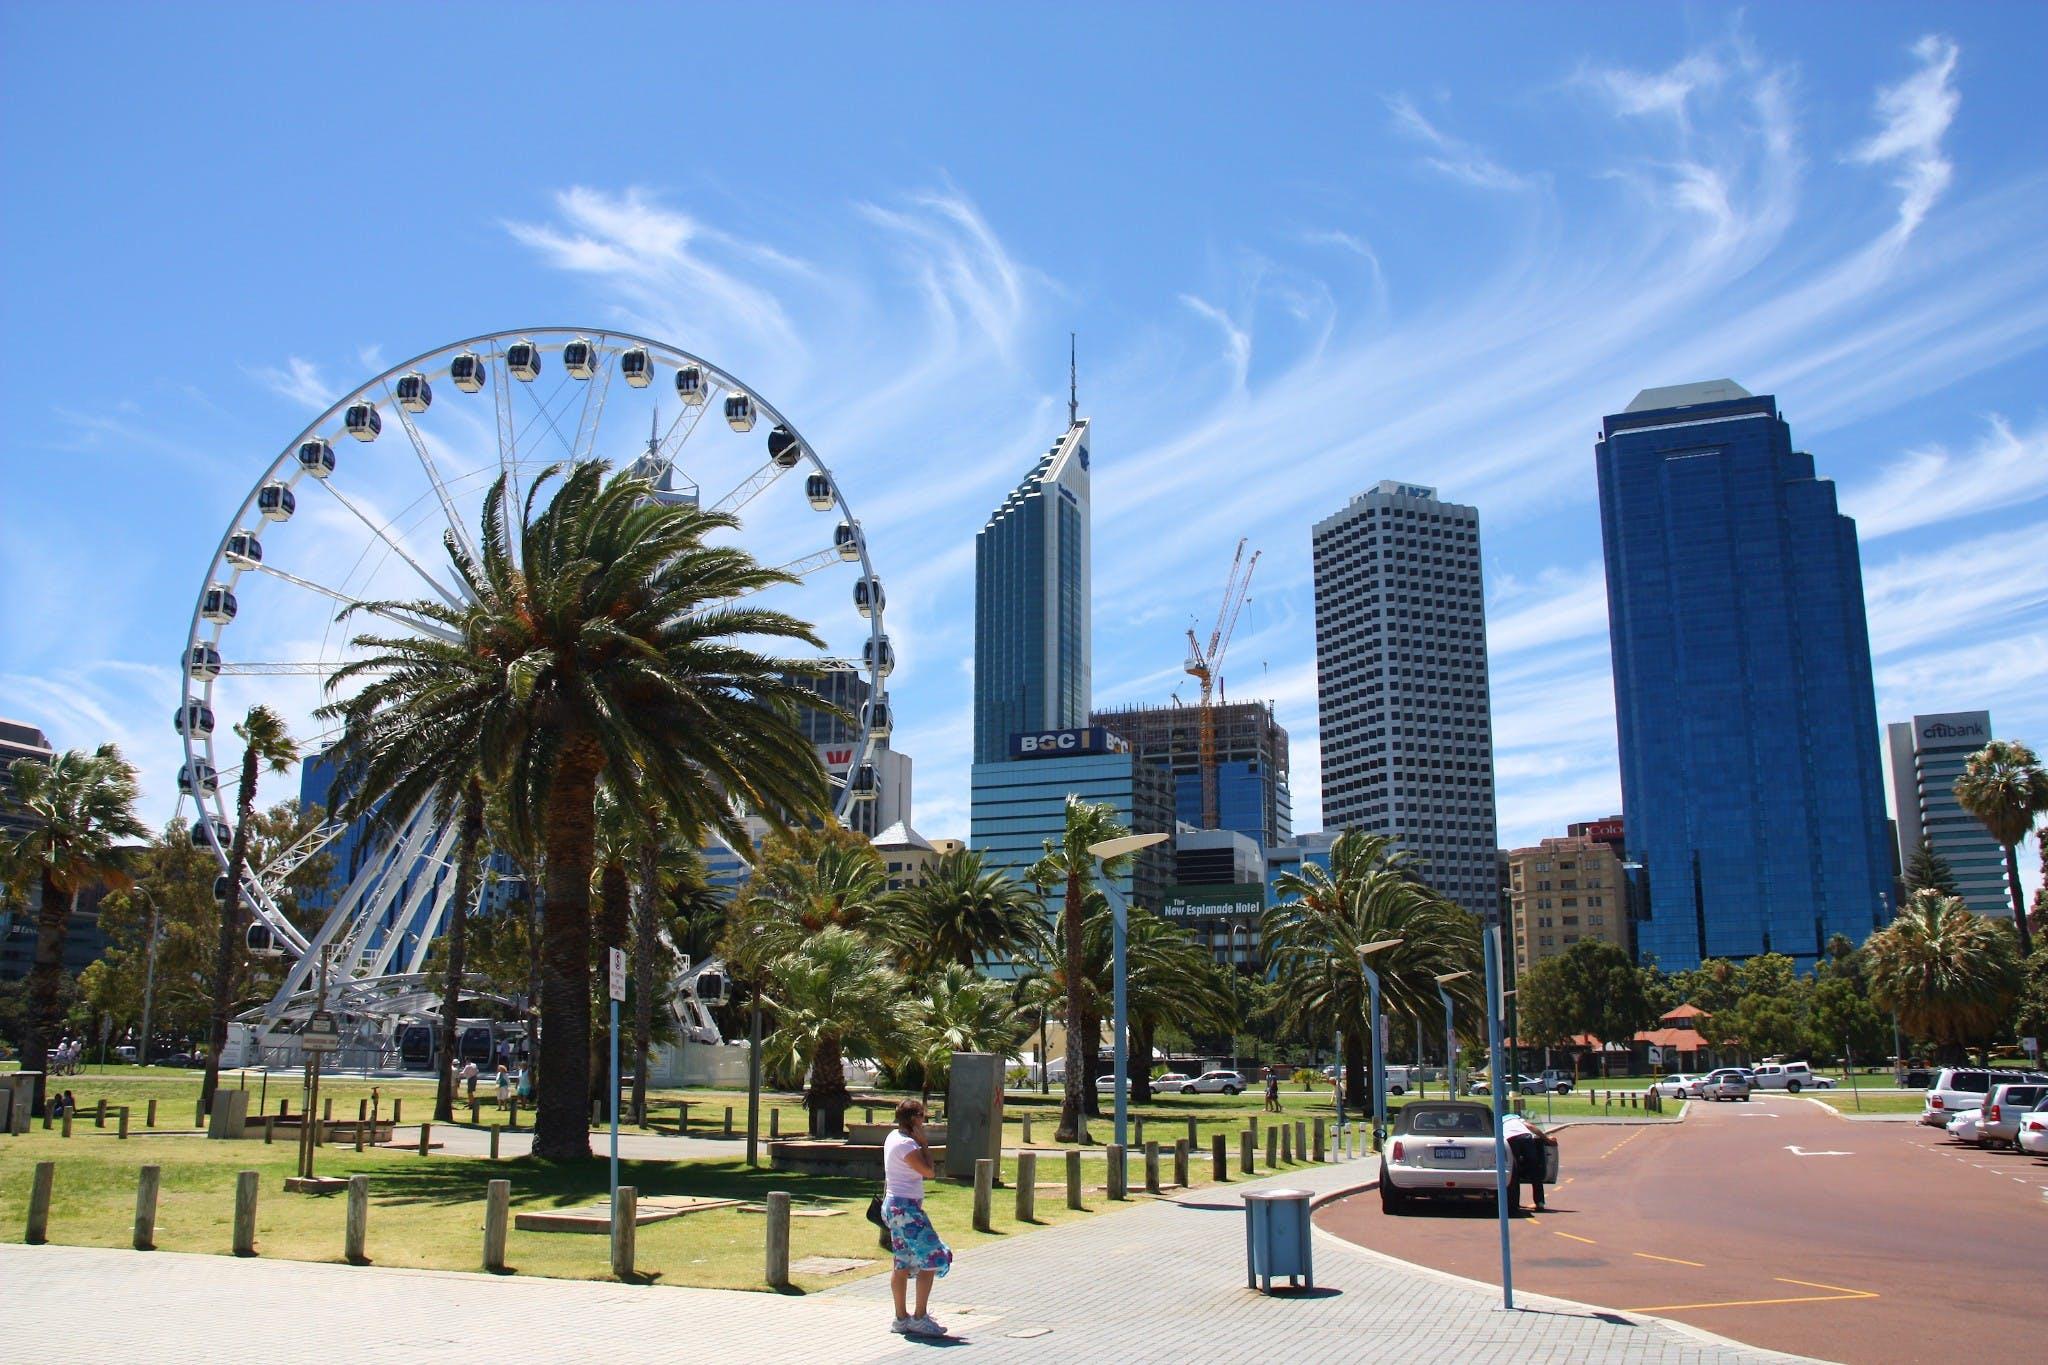 Guia de Perth, na Austrália | CI Intercâmbio e Viagem - photo#48